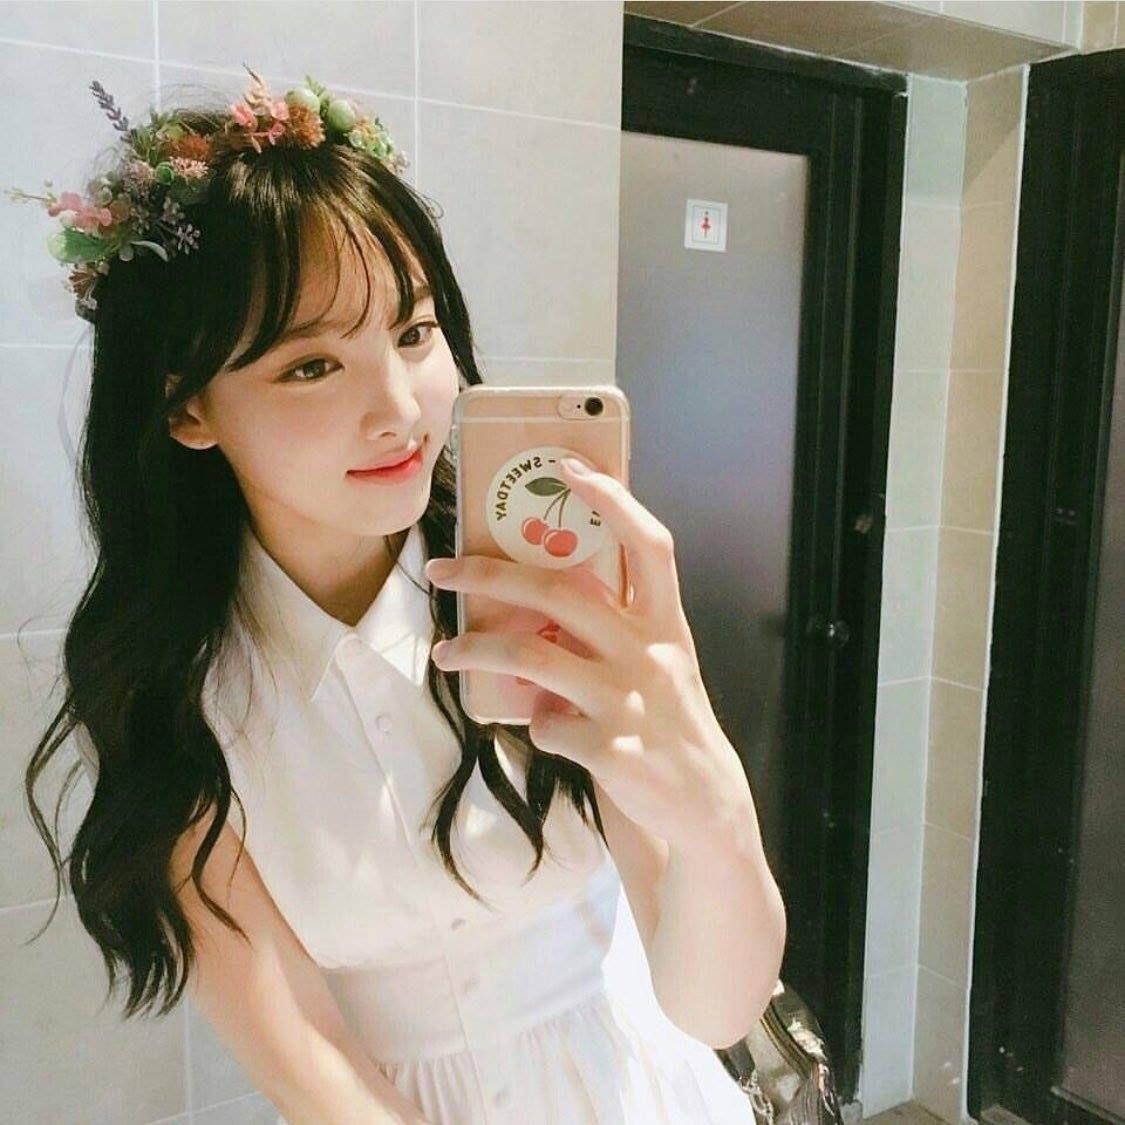 nayeon mirror 12